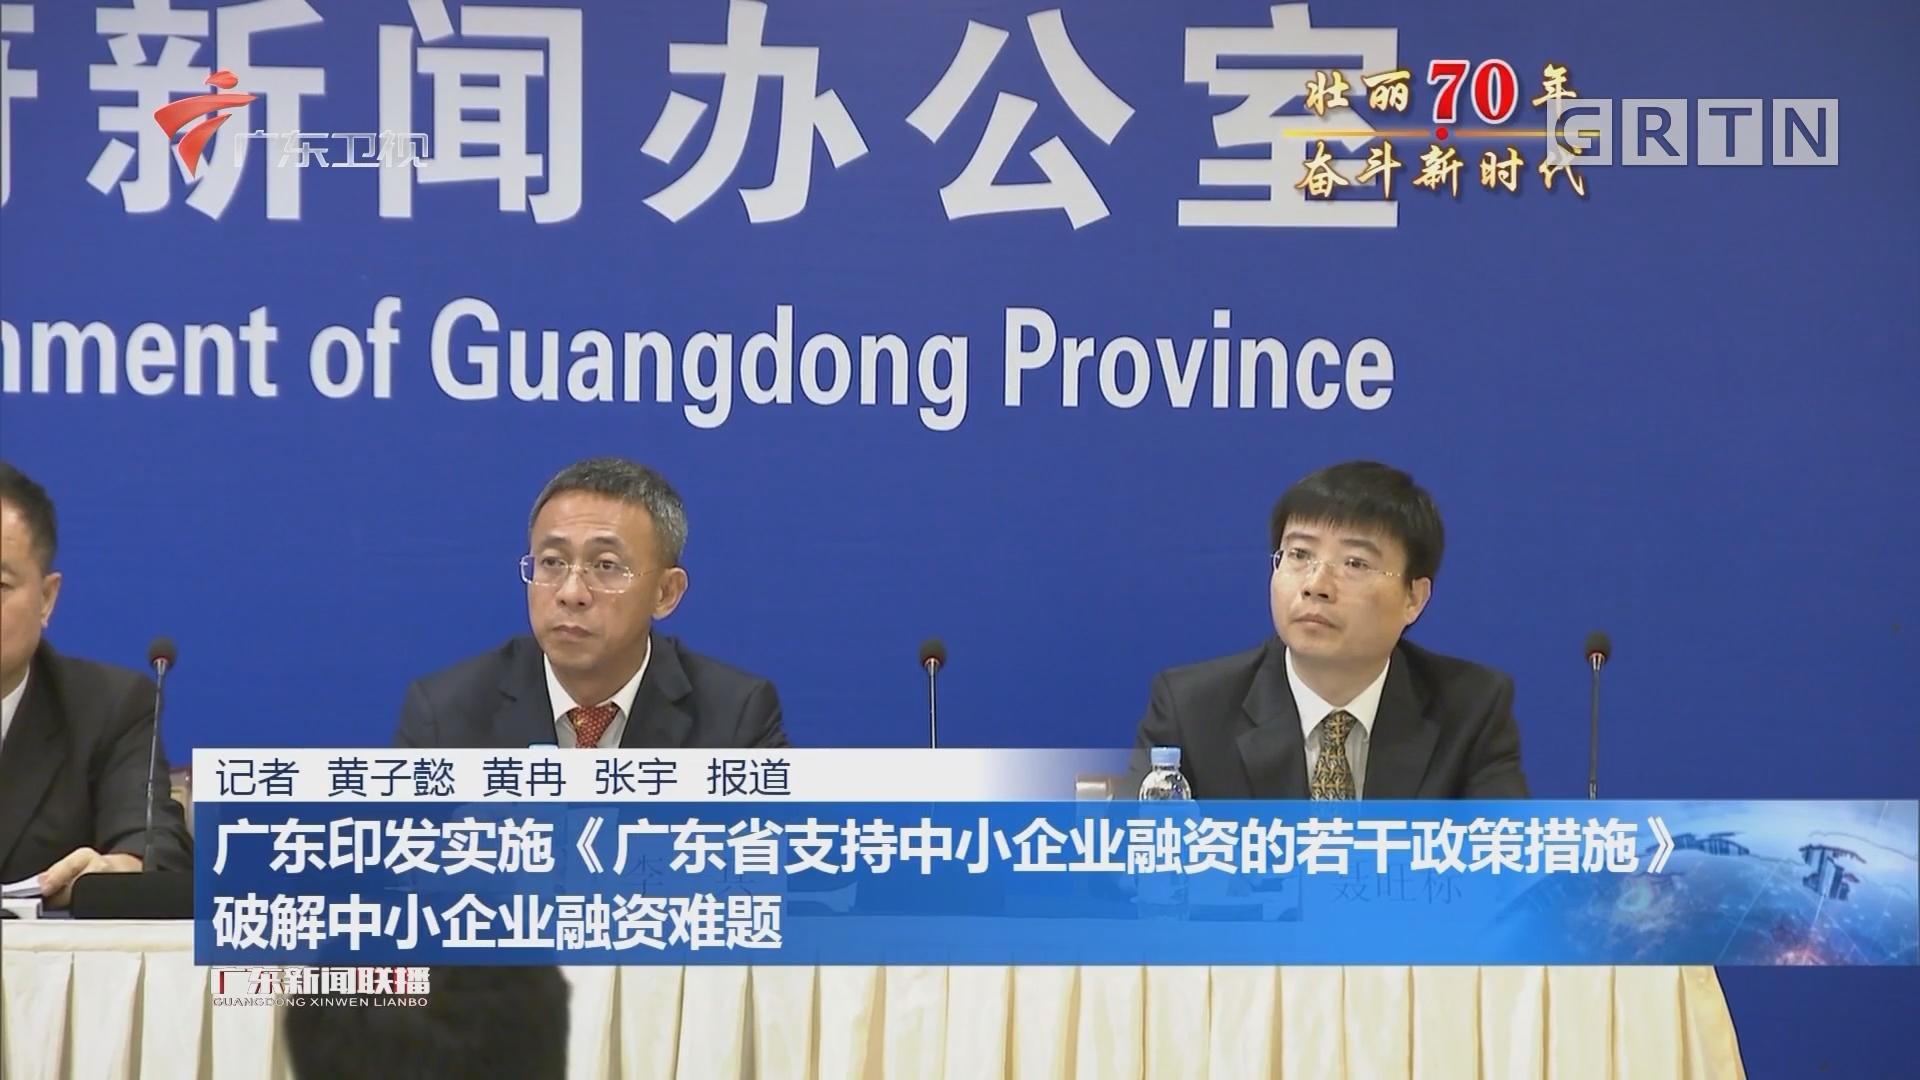 广东印发实施《广东省支持中小企业融资的若干政策措施》 破解中小企业融资难题